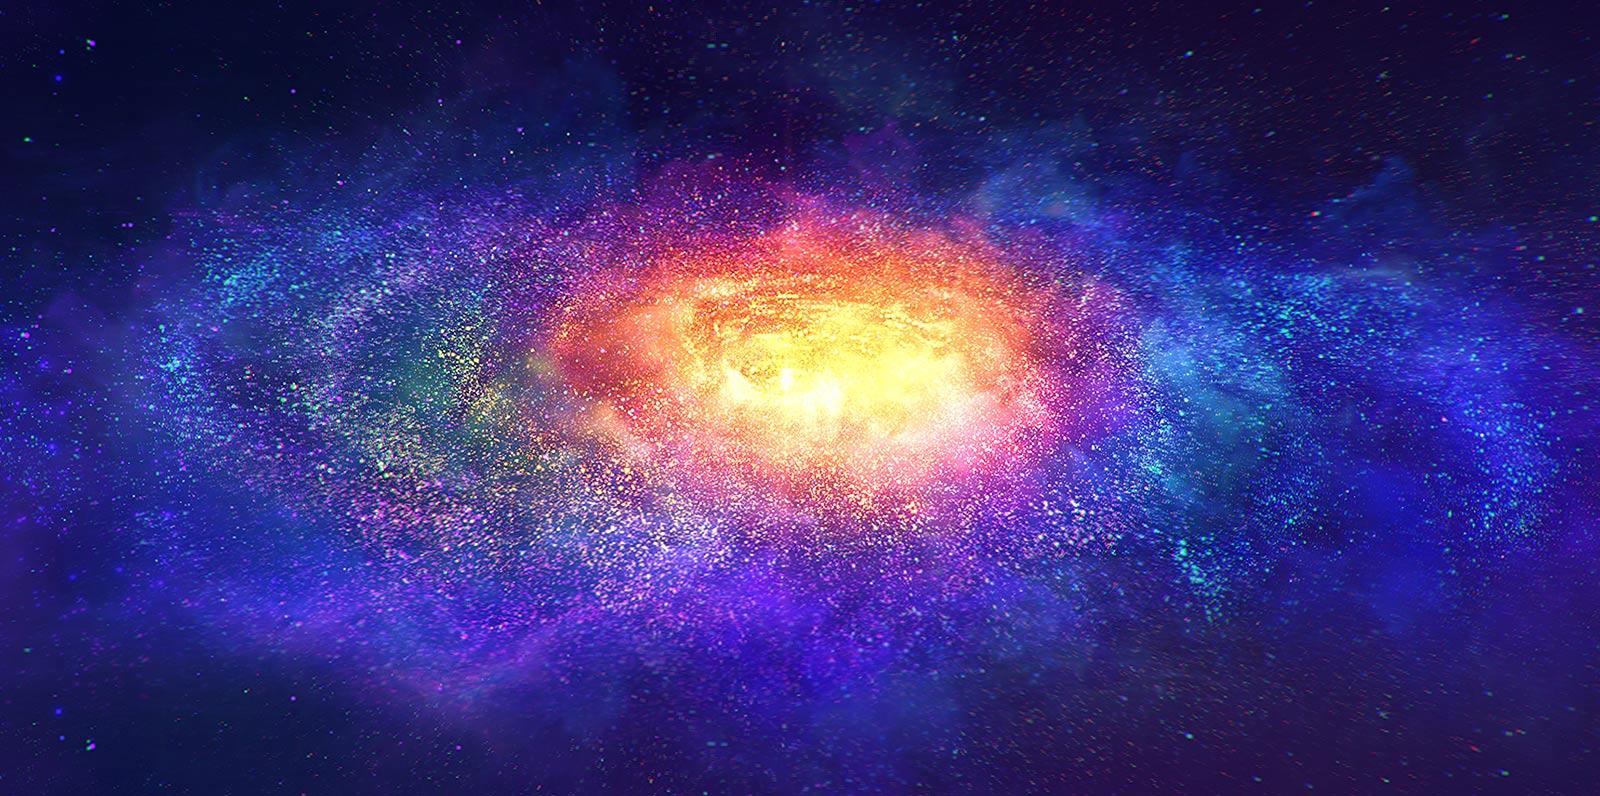 Miliony drobných barevných částic ve vesmíru